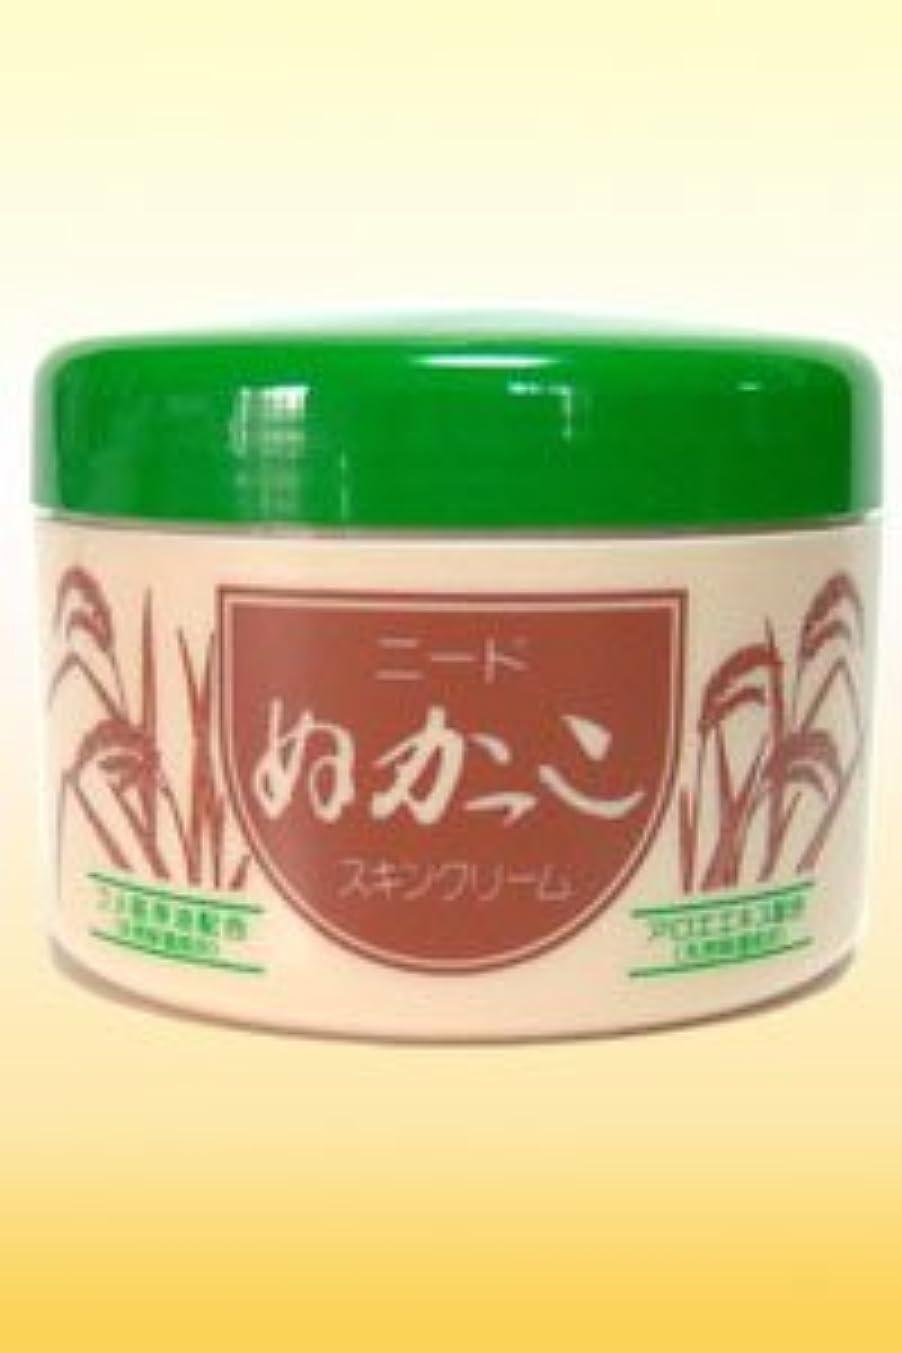 バクテリア有毒な封筒【田中善】ニードヌカッコ スキンクリーム 162g